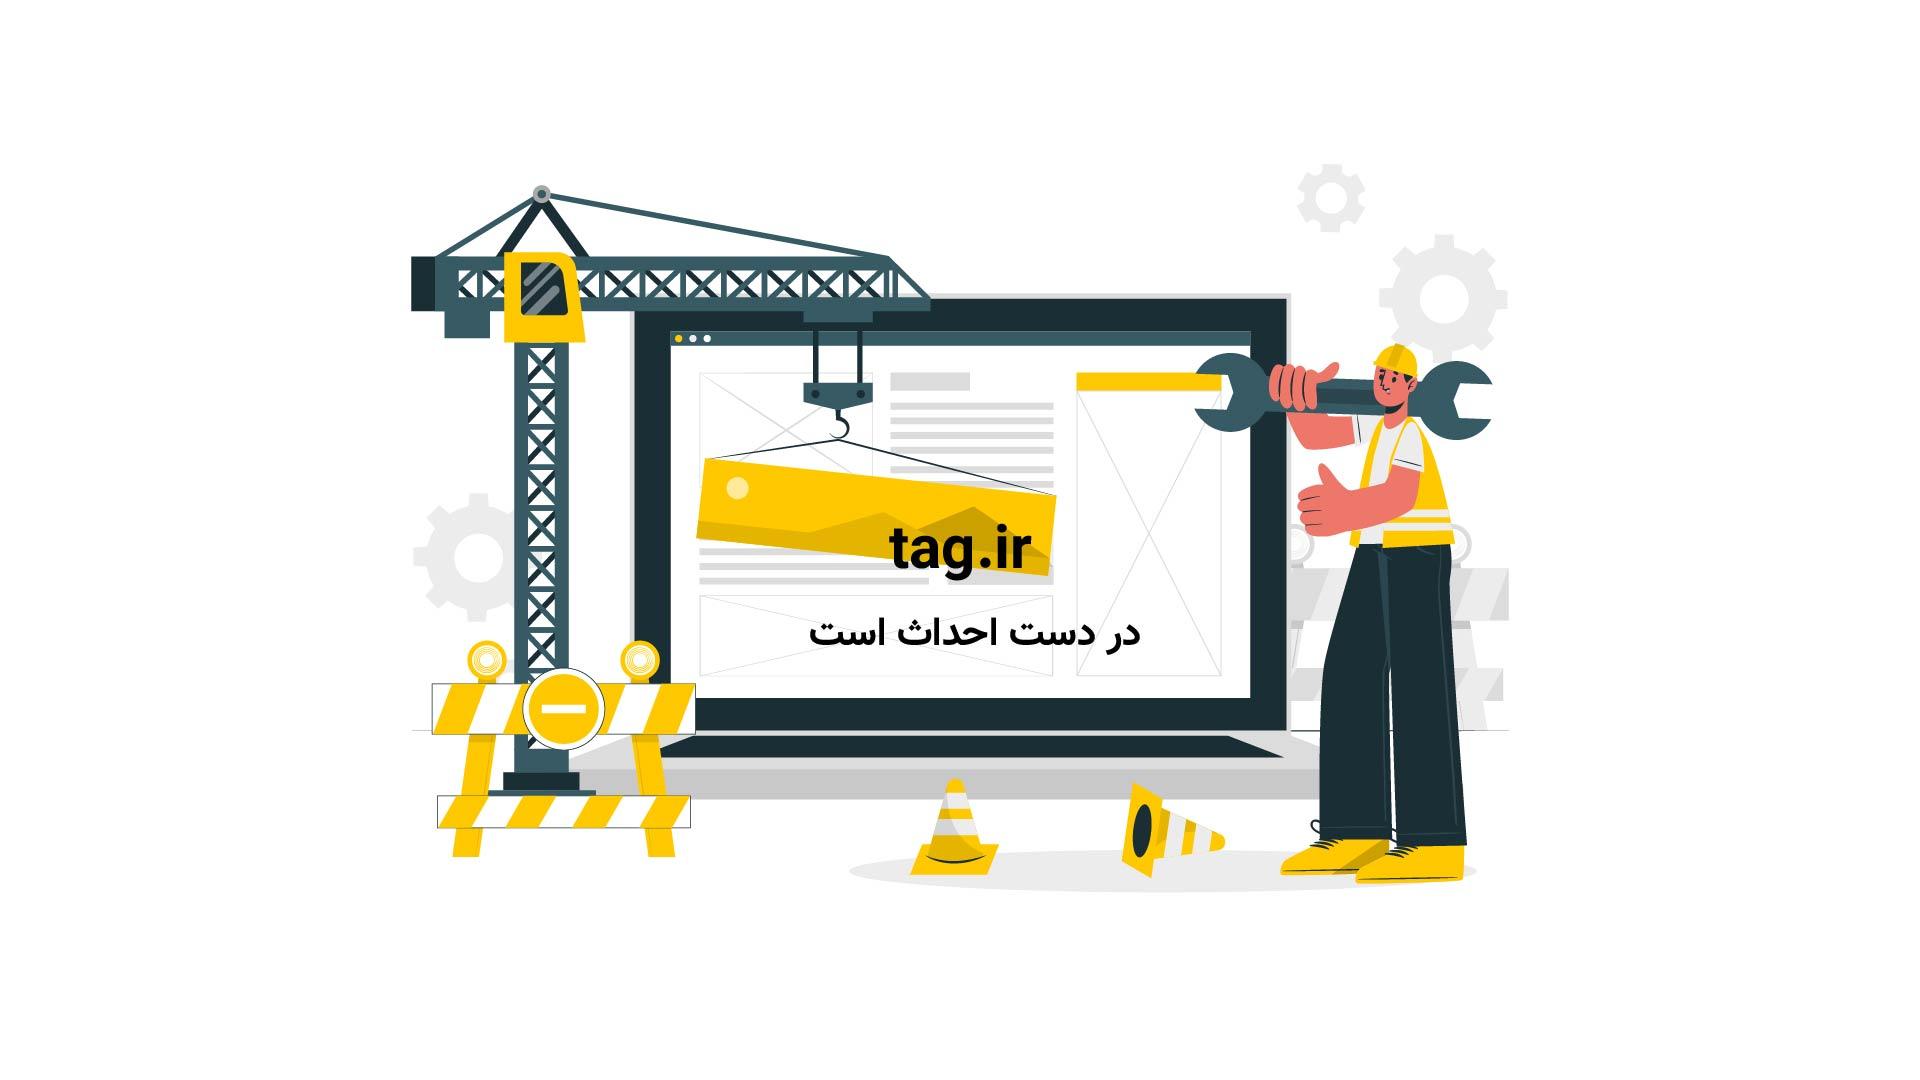 استندآپ مهران مدیری درباره معضل قاچاق کالا | فیلم